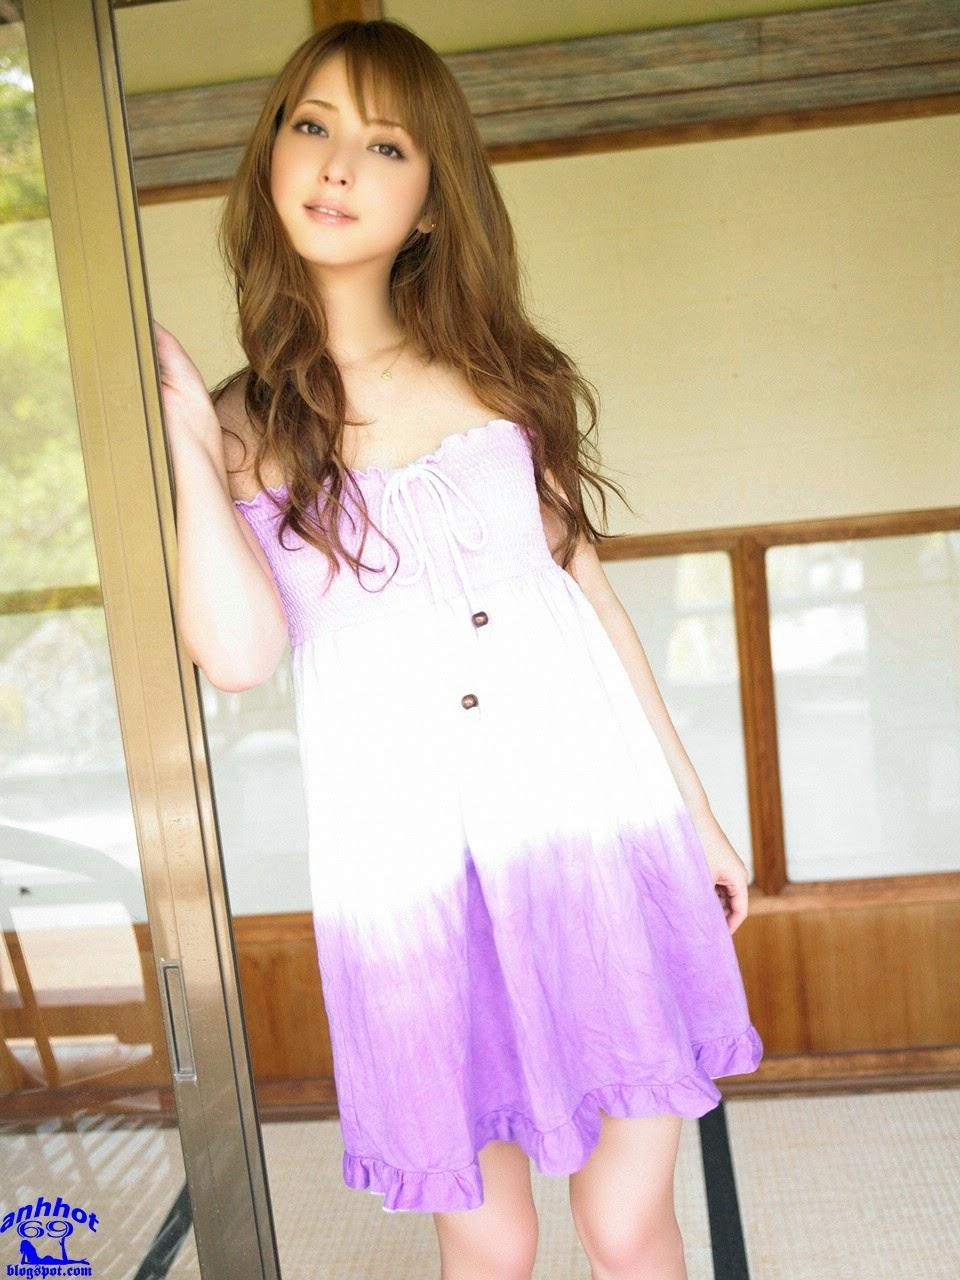 nozomi-sasaki-00469213